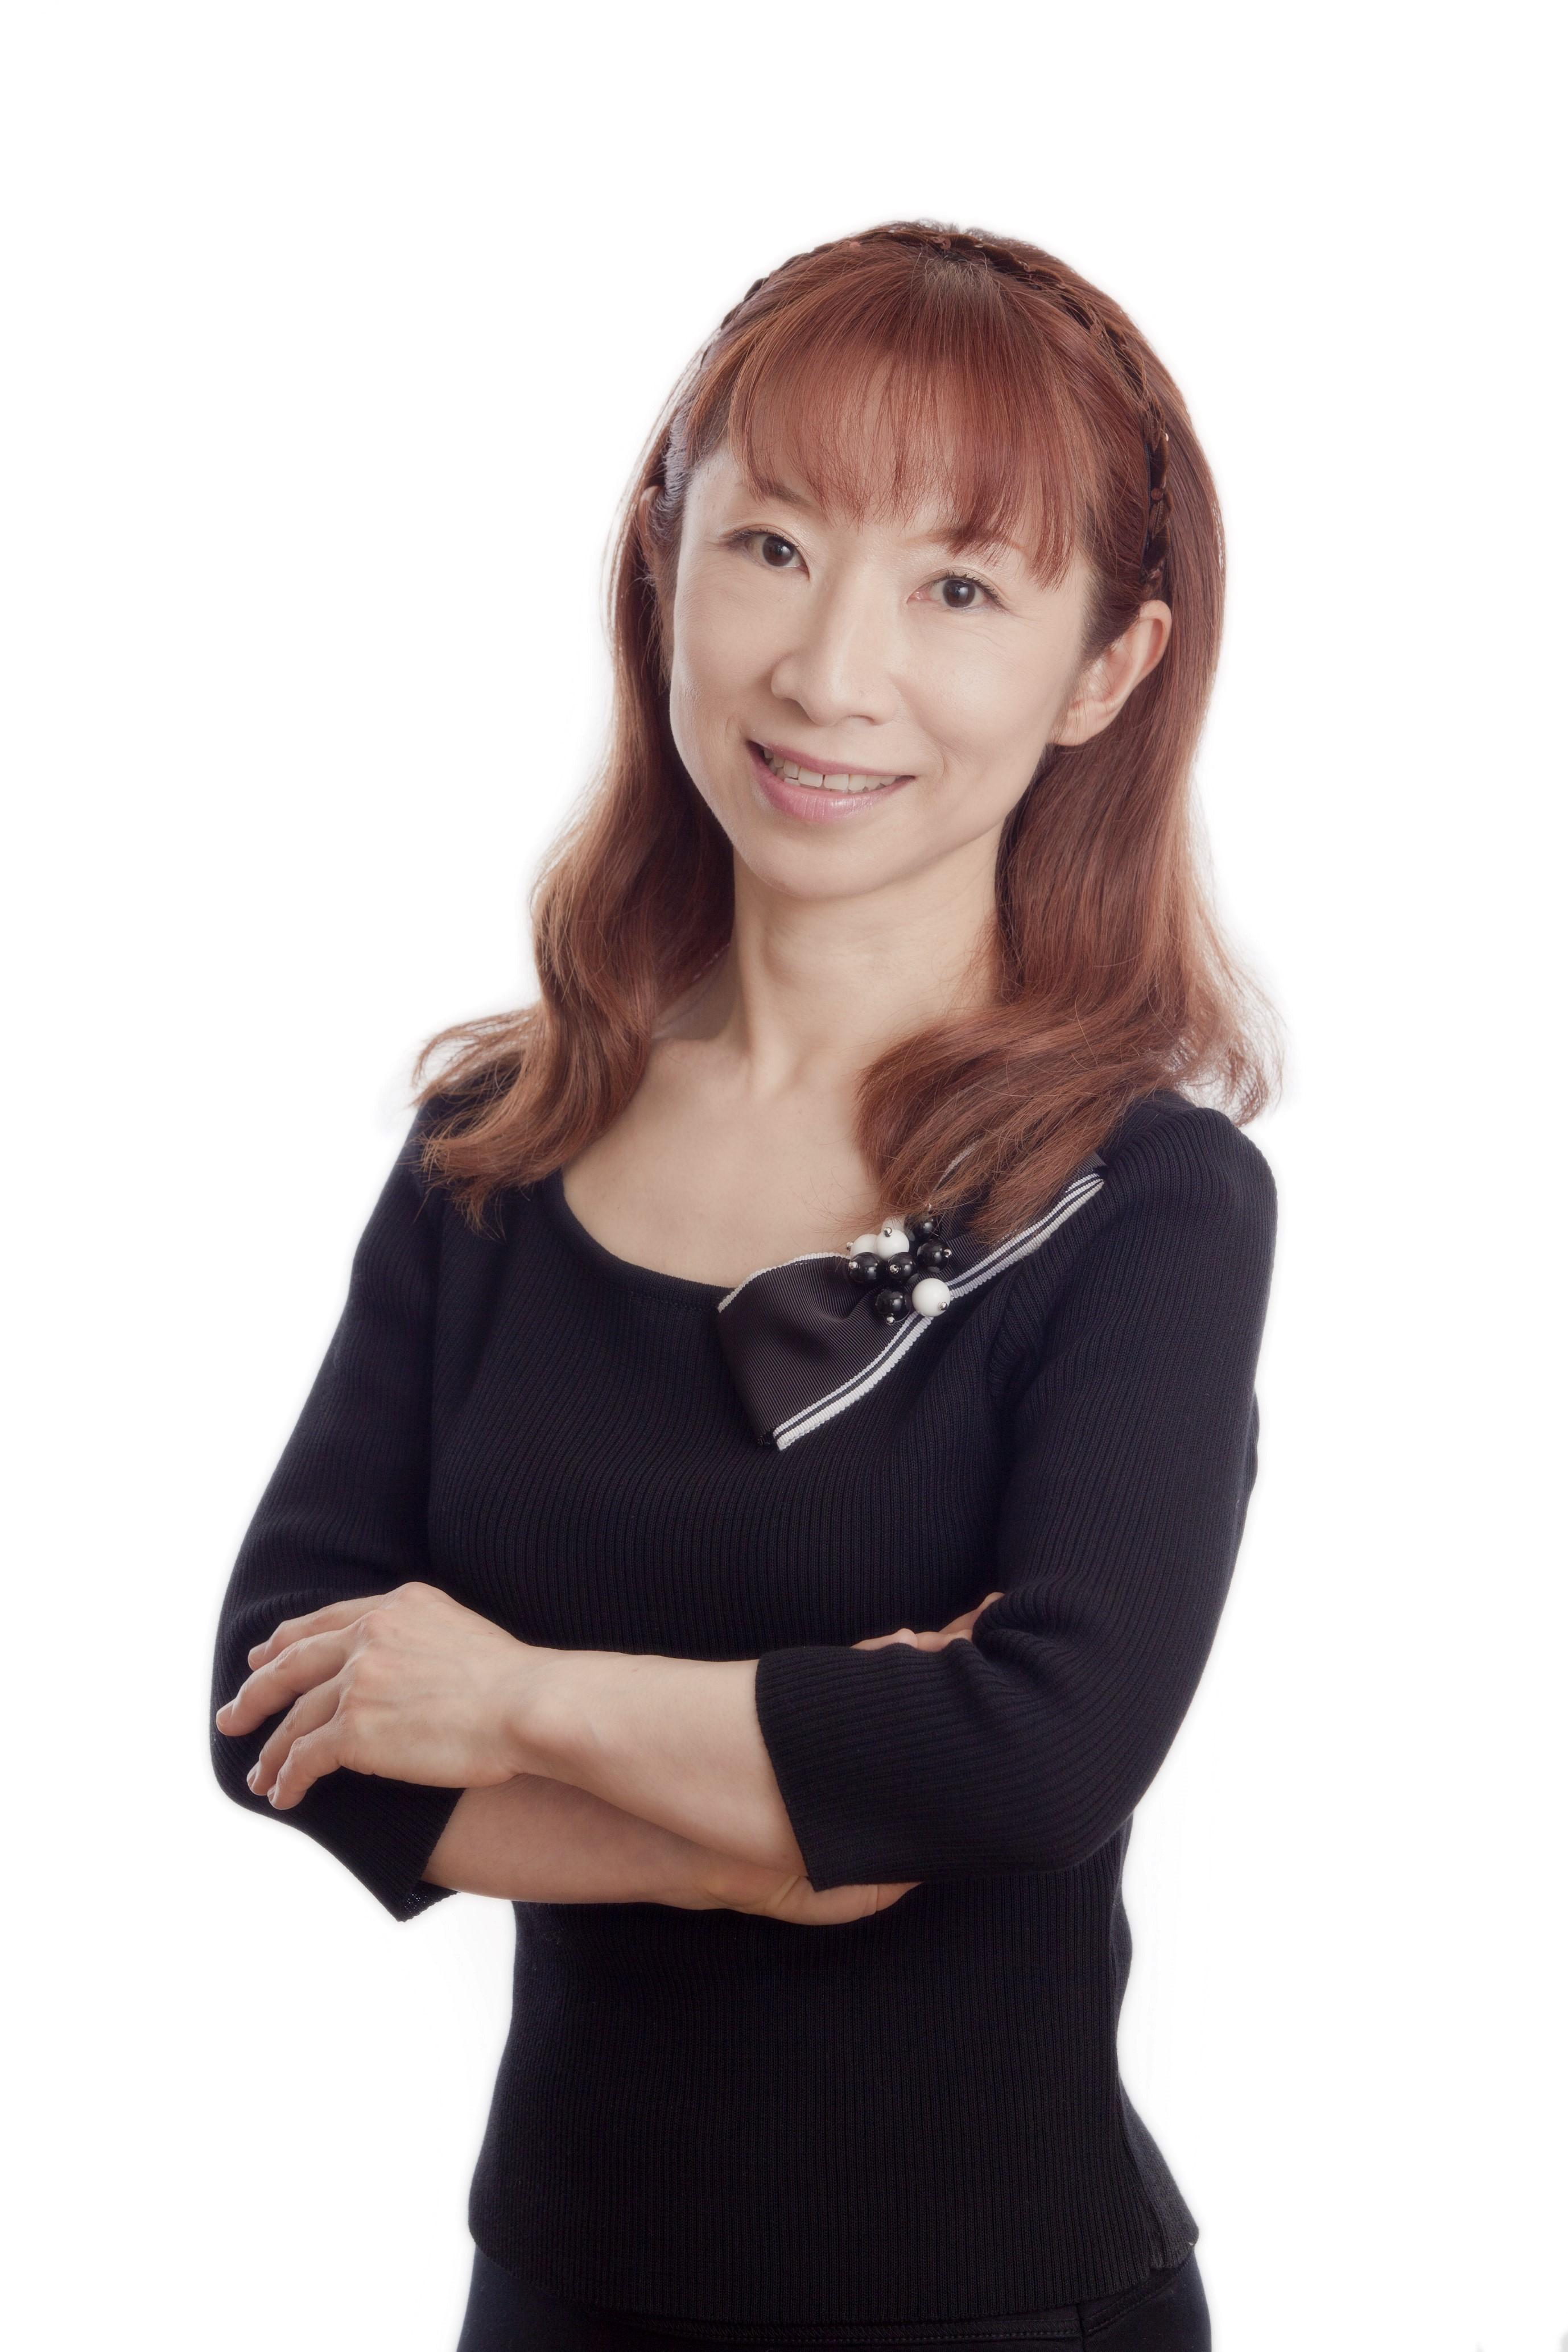 浜中康子  (C)K.Miura